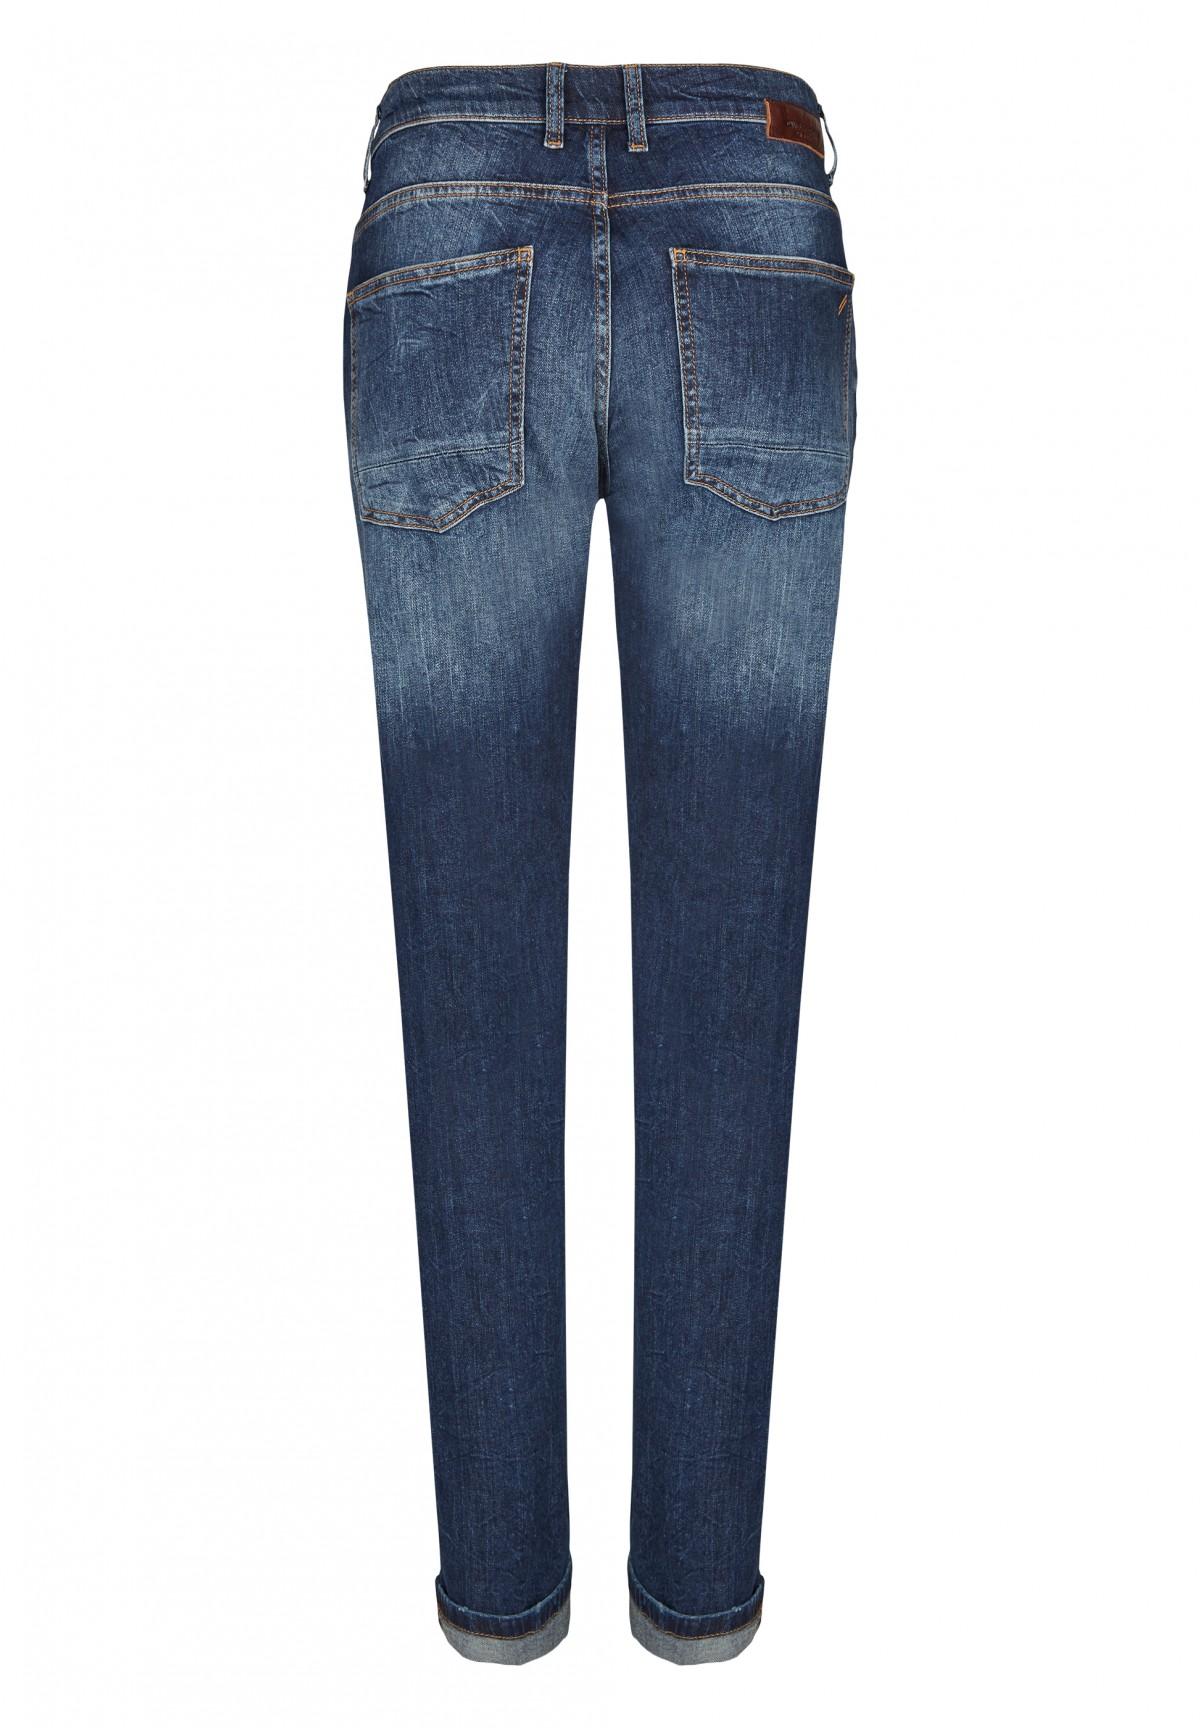 Jeans Trocadero / JEANS TROCADERO